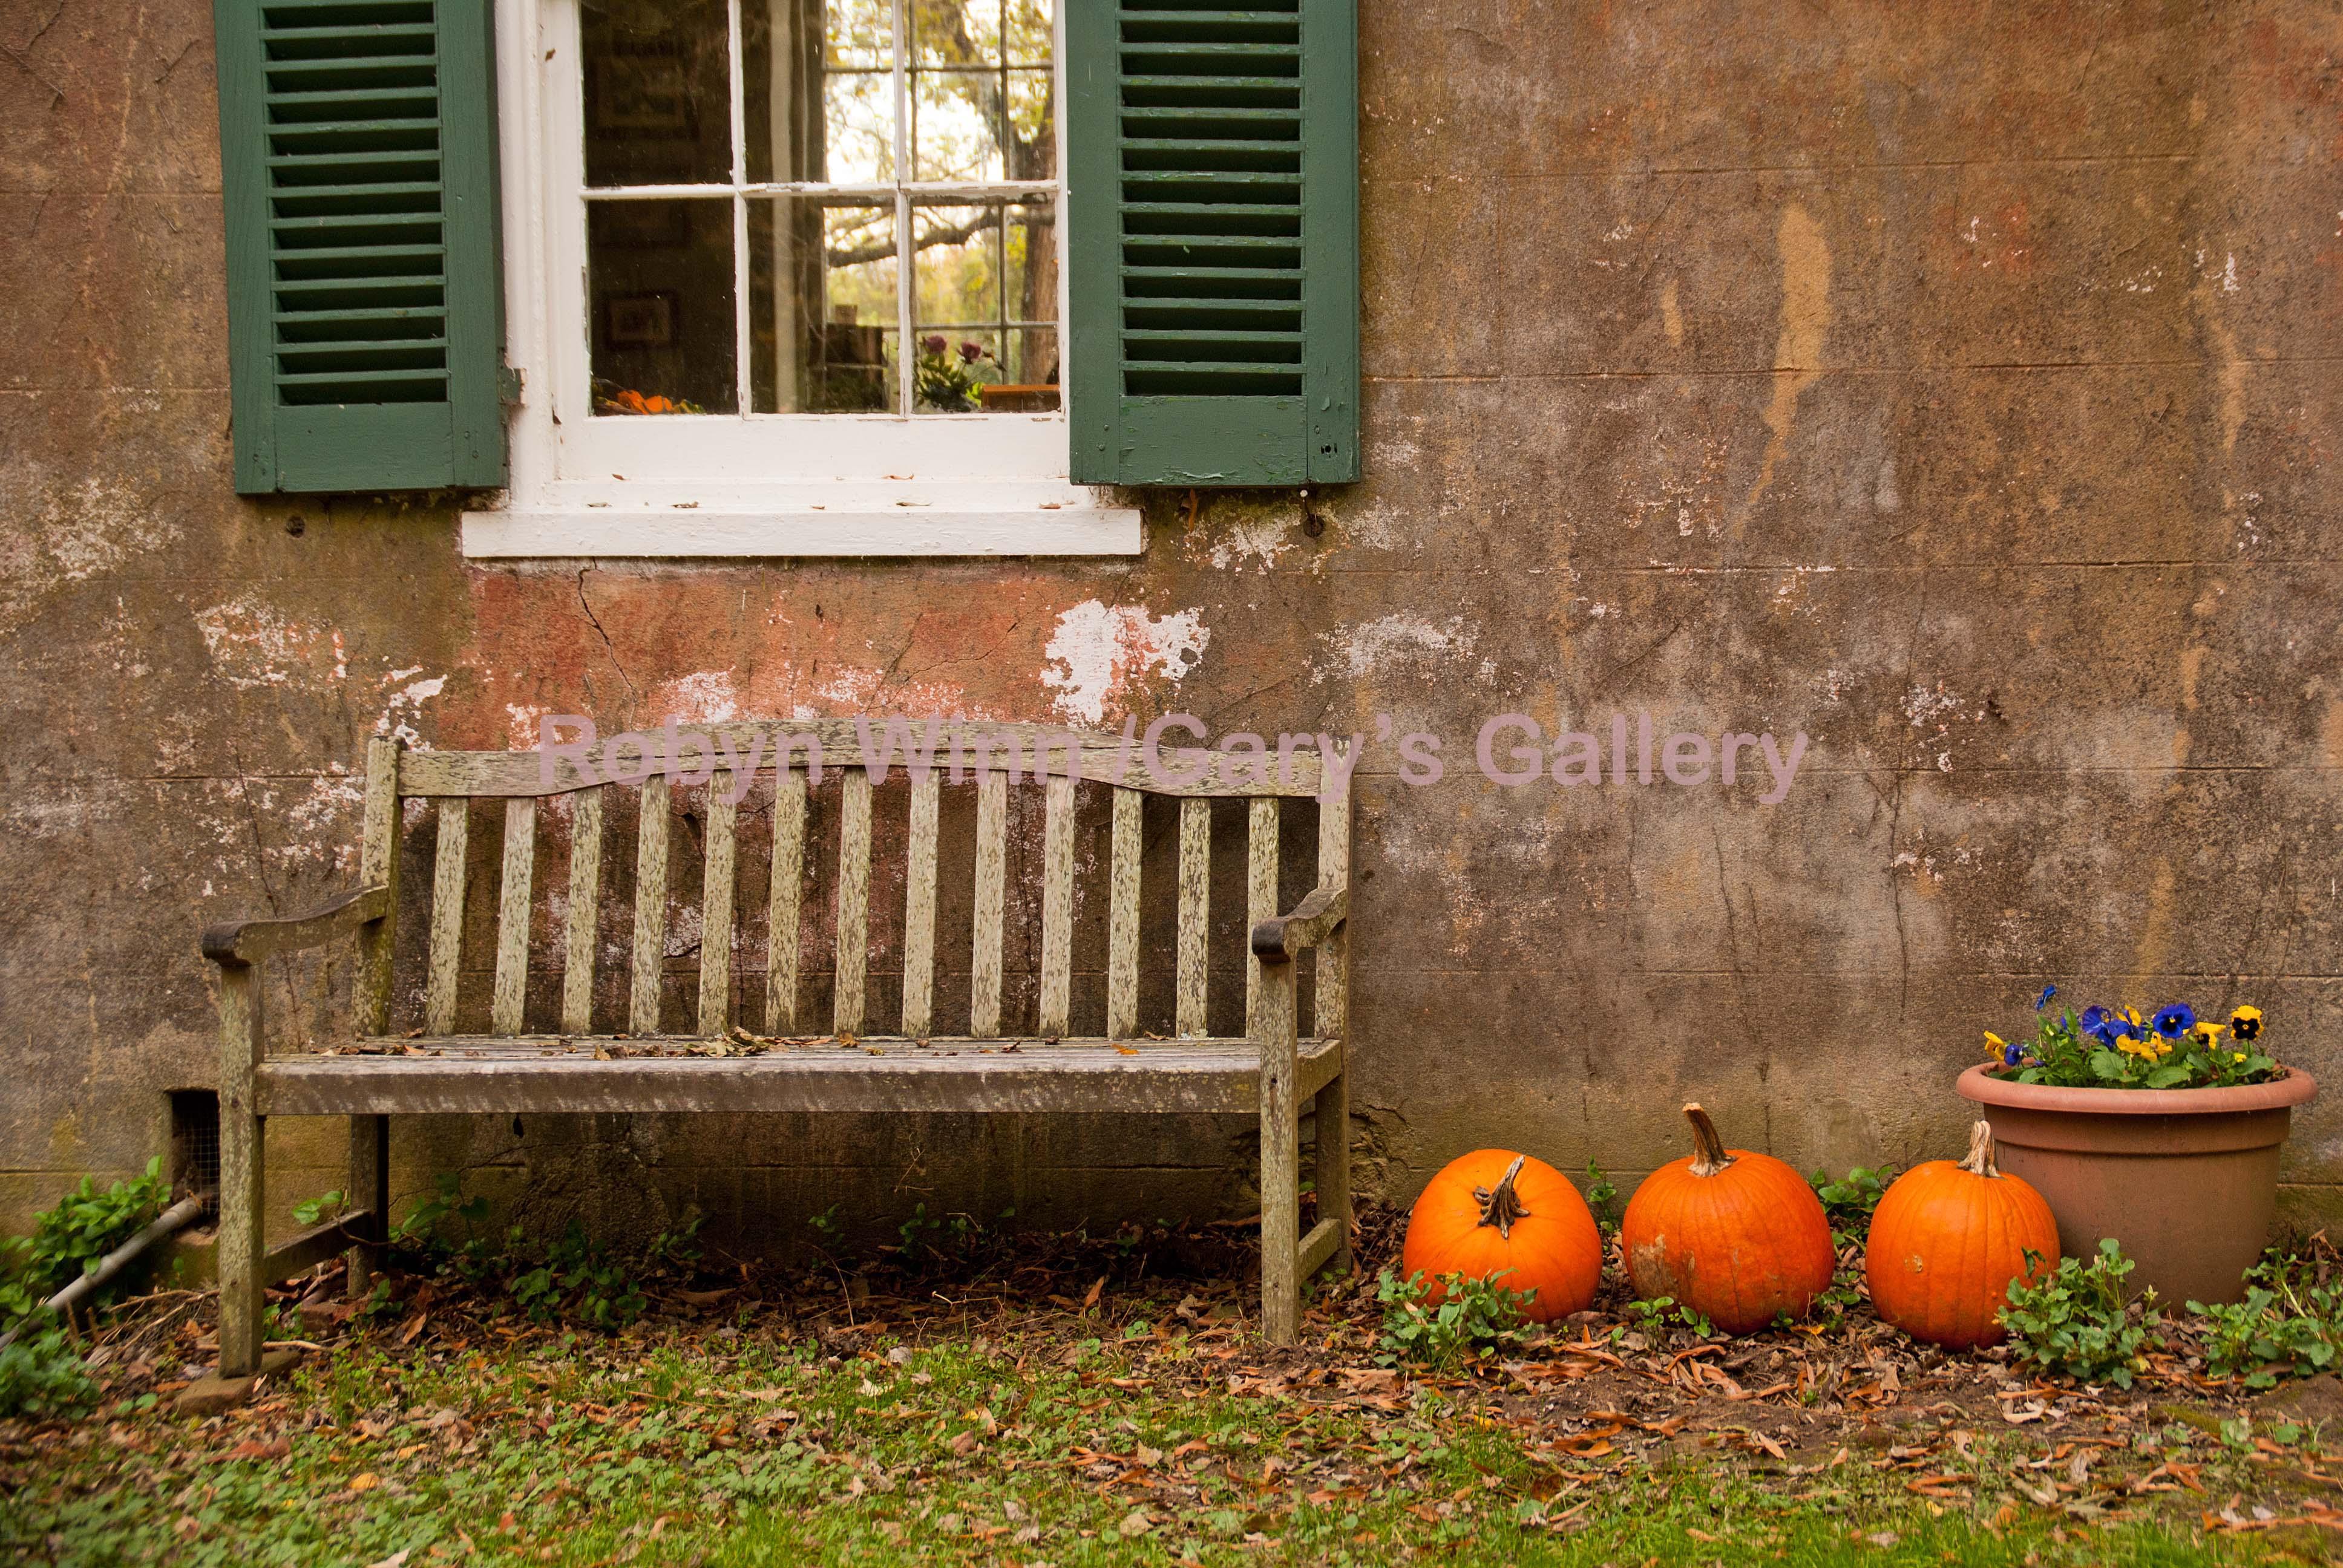 Bench & Pumpkins